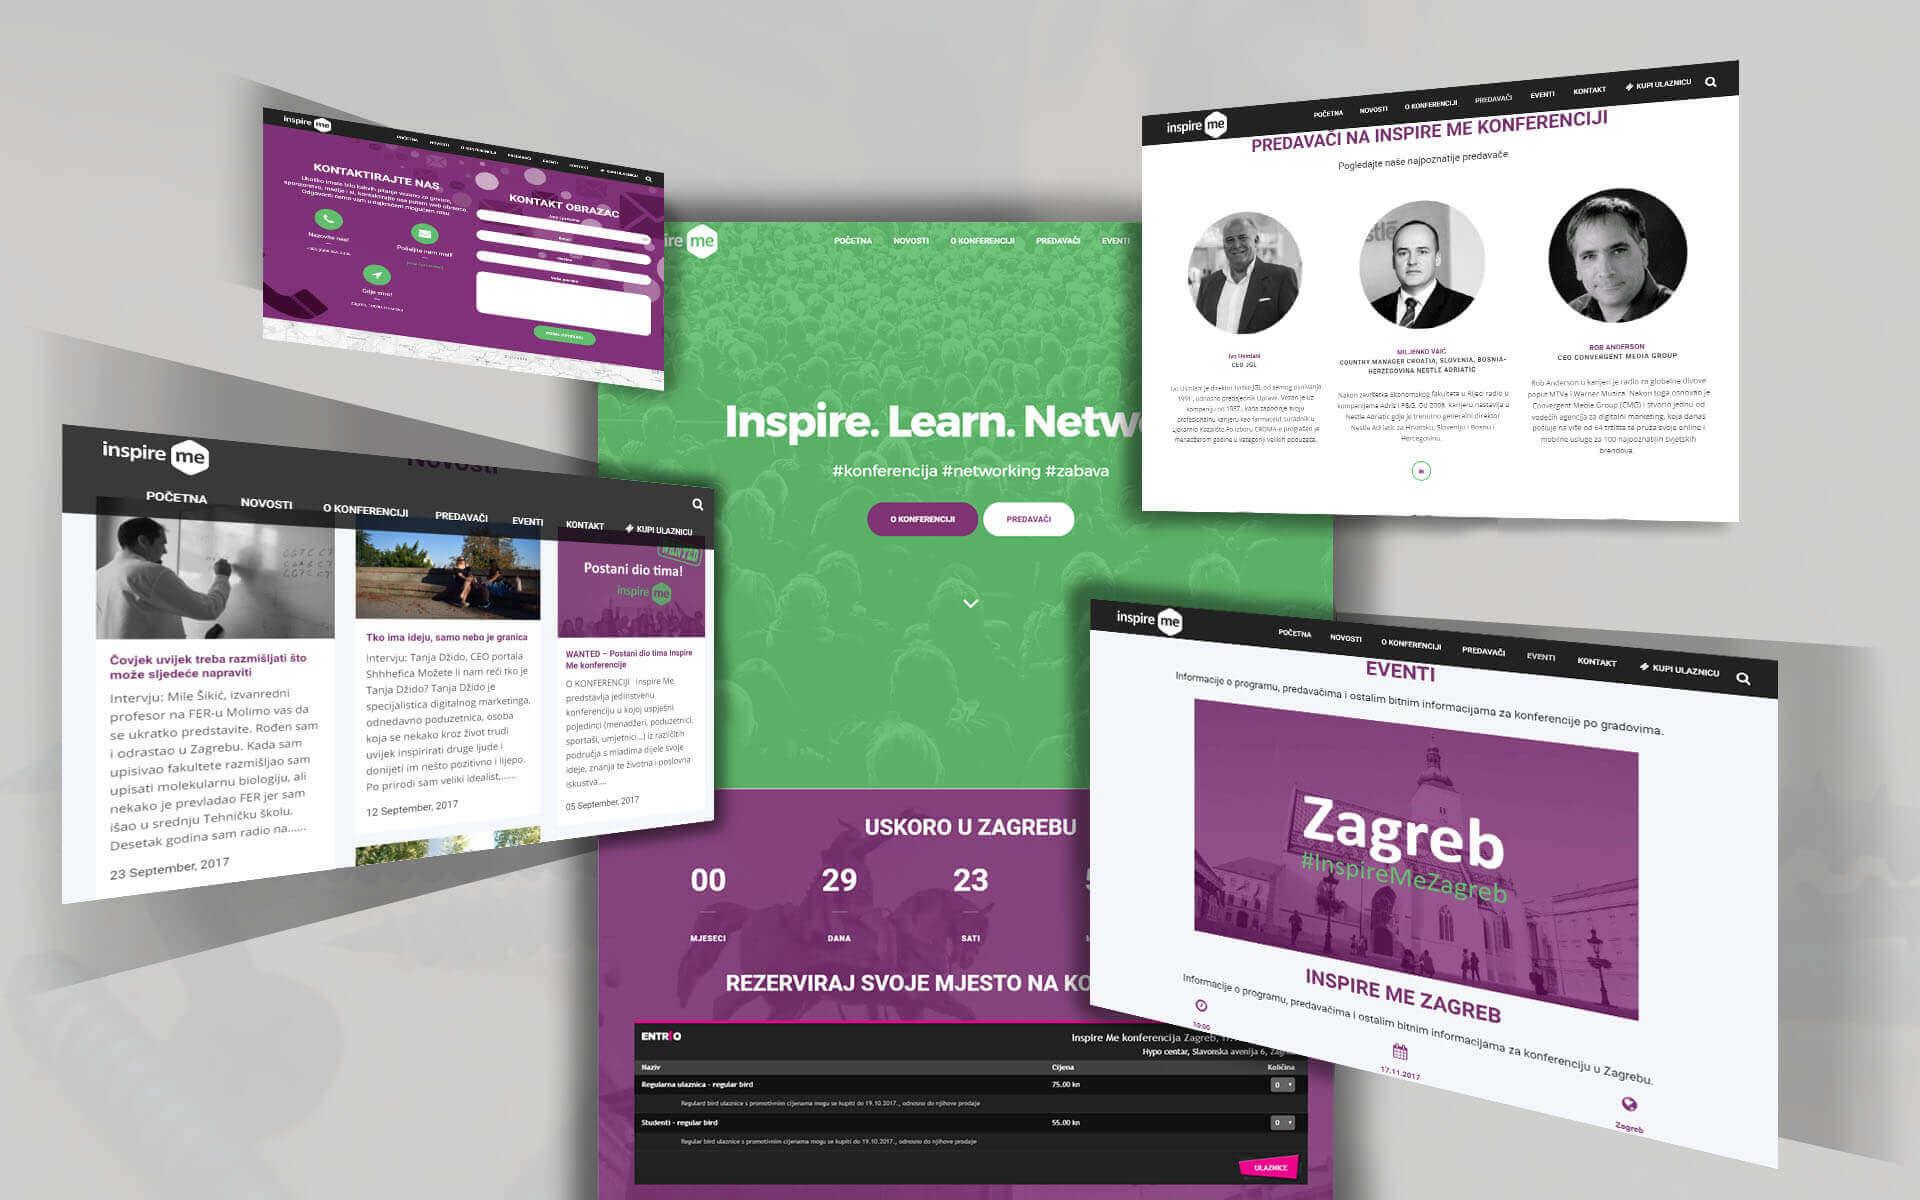 Inspire Me konferencija desktop